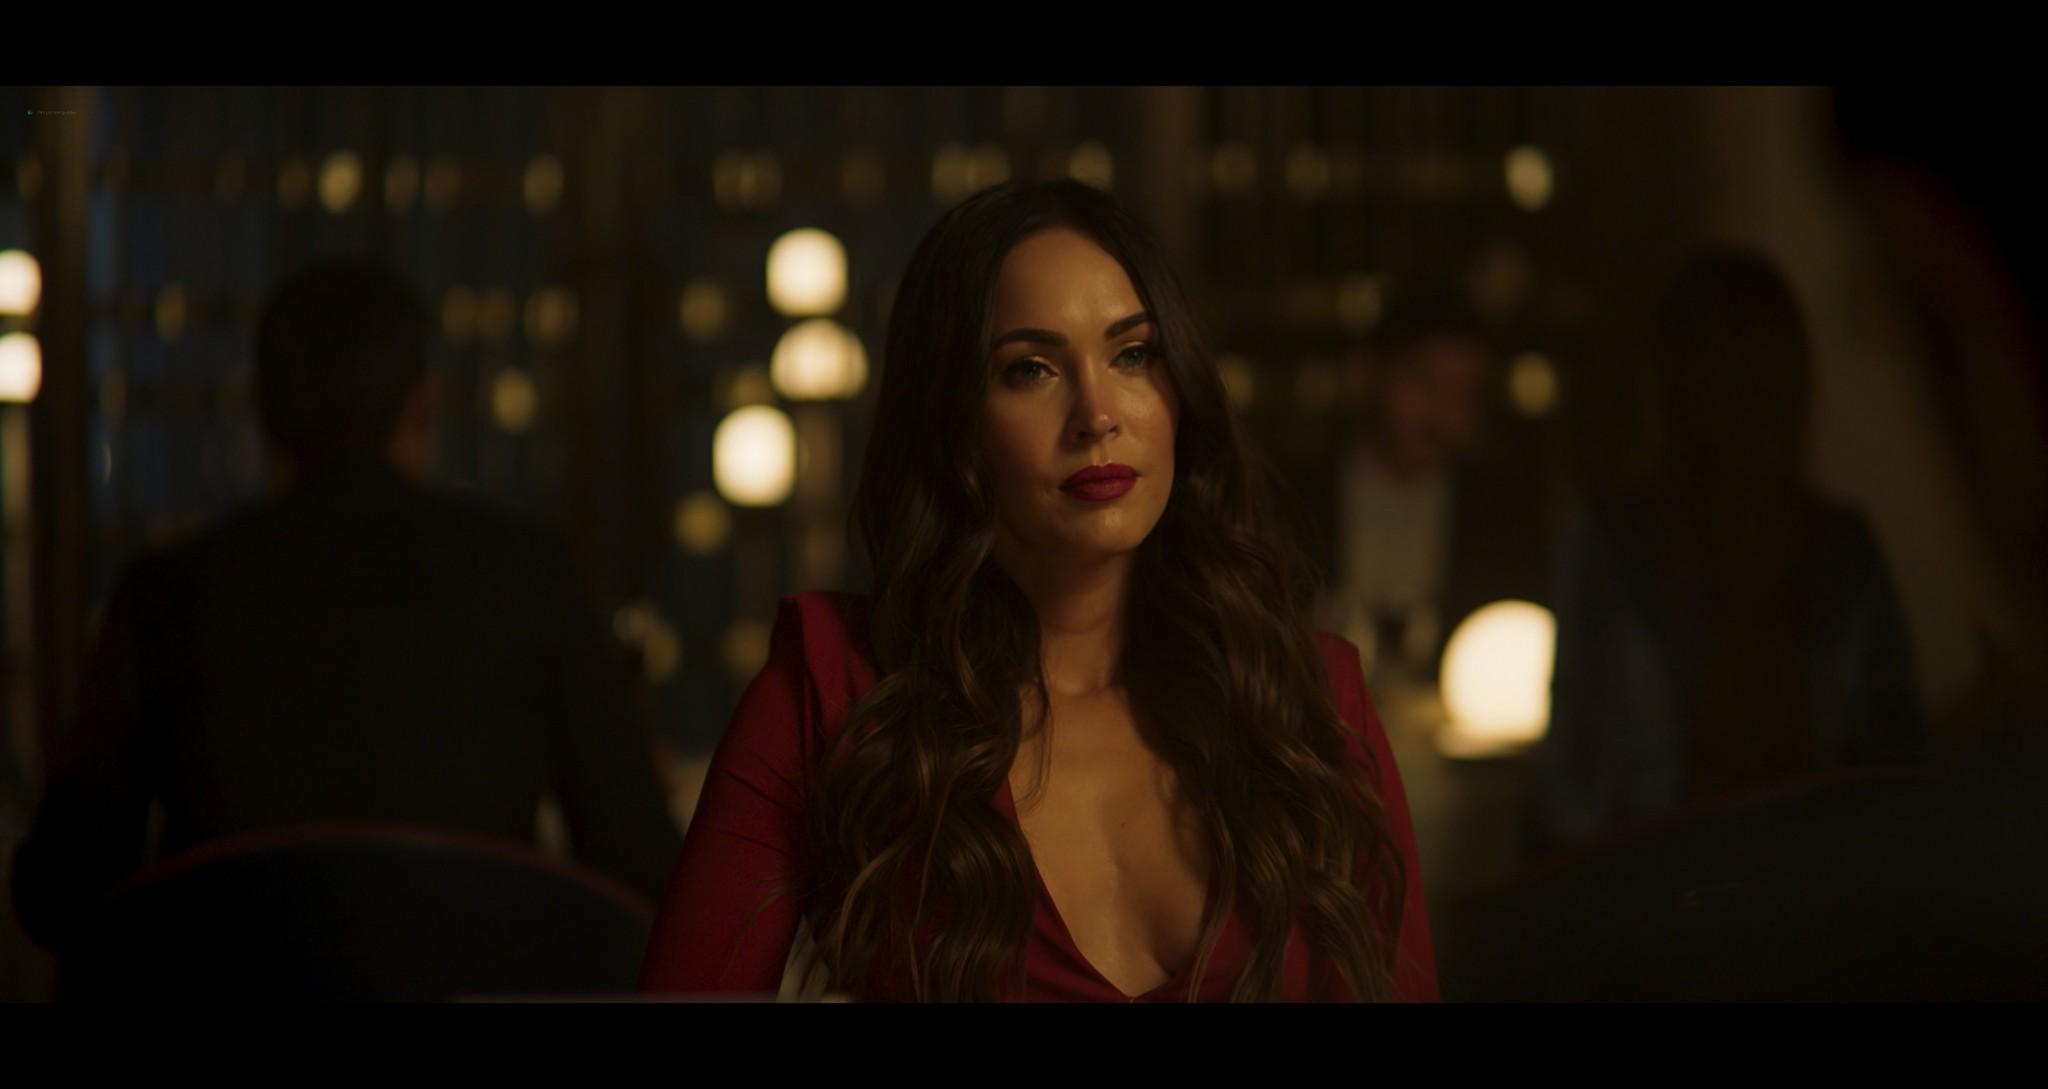 Megan Fox hot and sexy Till Death 2021 4k 2160p Web 6